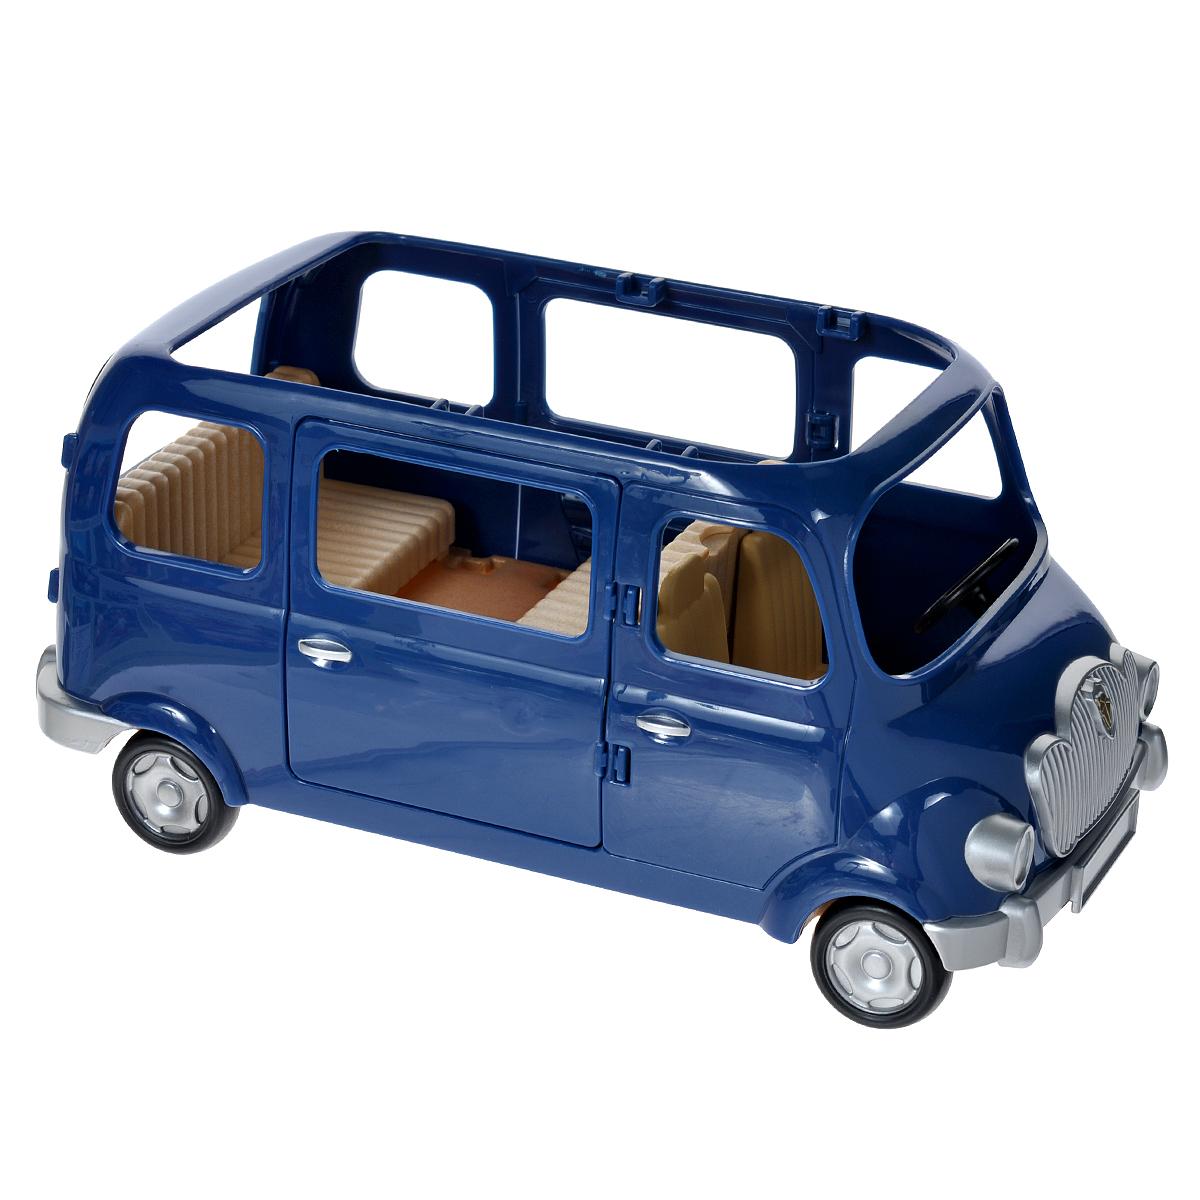 Sylvanian Families Семейный автомобиль на 7 мест2003Игровой набор Sylvanian Families Семейный автомобиль, 7 мест привлечет внимание вашей малышки и не позволит ей скучать. Набор включает в себя автомобиль с тремя рядами сидений, три детских кресла для малыша и двойняшек, а также две дорожные карты. Кресла снабжены специальными резиночками для крепления фигурок. Дверцы машины открываются. Ваша малышка будет часами играть с набором, придумывая различные истории. Sylvanian Families - это целый мир маленьких жителей, объединенных общей легендой. Жители страны Sylvanian Families - это кролики, белки, медведи, лисы и многие другие. У каждого из них есть дом, в котором есть все необходимое для счастливой жизни. В городе, где живут герои, есть школа, больница, рынок, пекарня, детский сад и множество других полезных объектов. Жители этой страны живут семьями, в каждой из которой есть дети. В домах Sylvanian Families царит уют и гармония. Домашние животные радуют хозяев. Здесь продумана каждая...